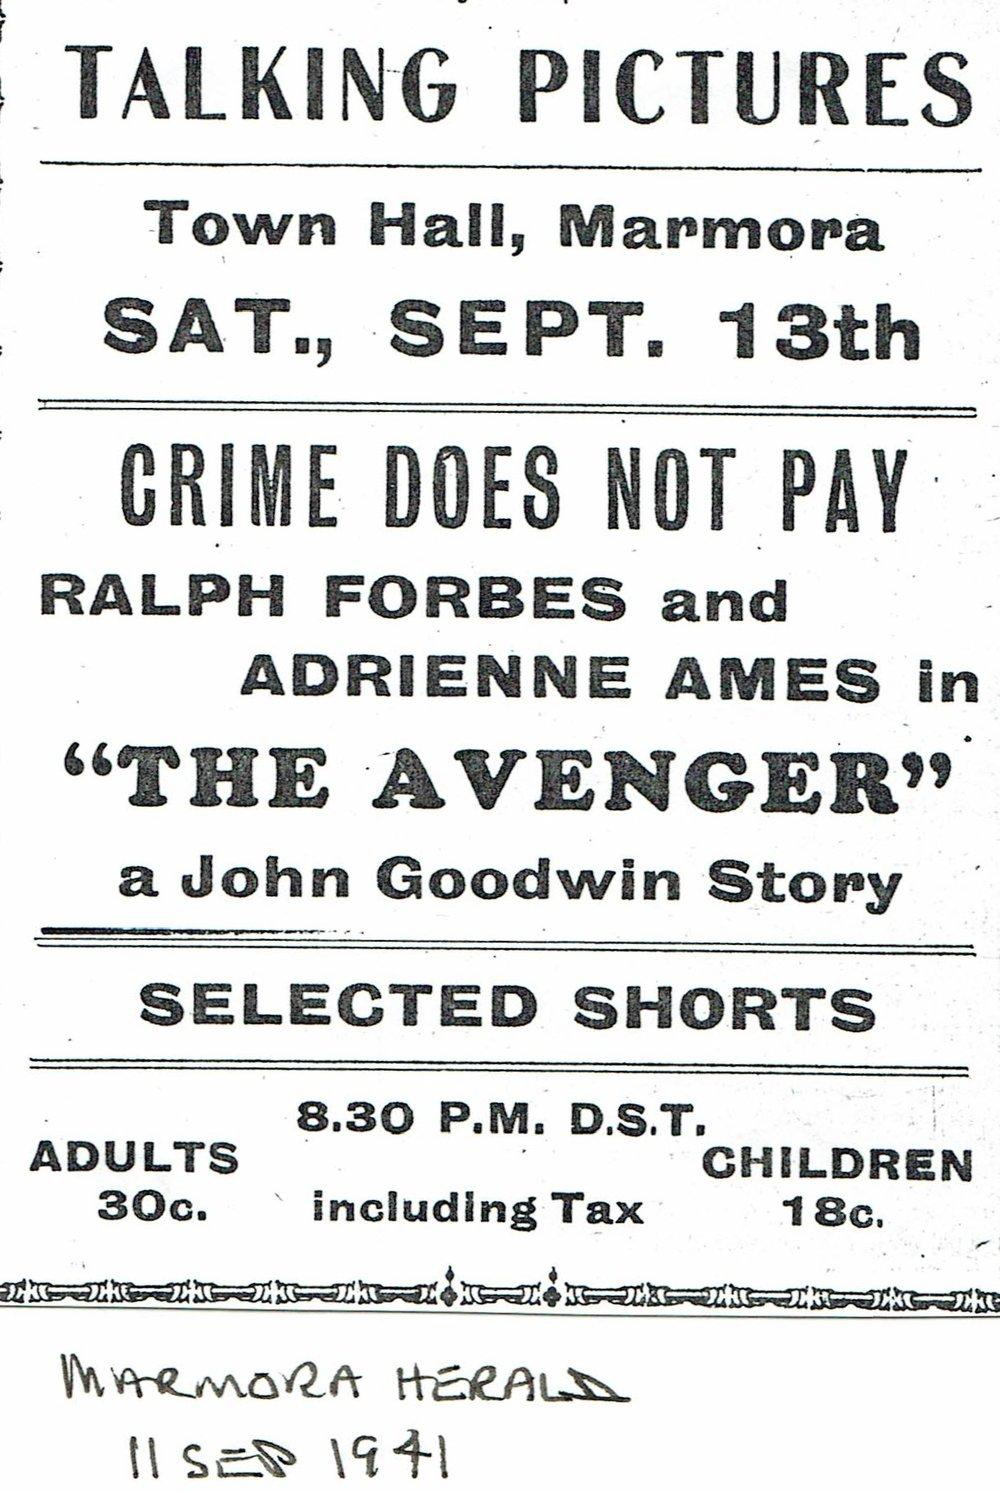 1941 Movies  Talkies.jpg